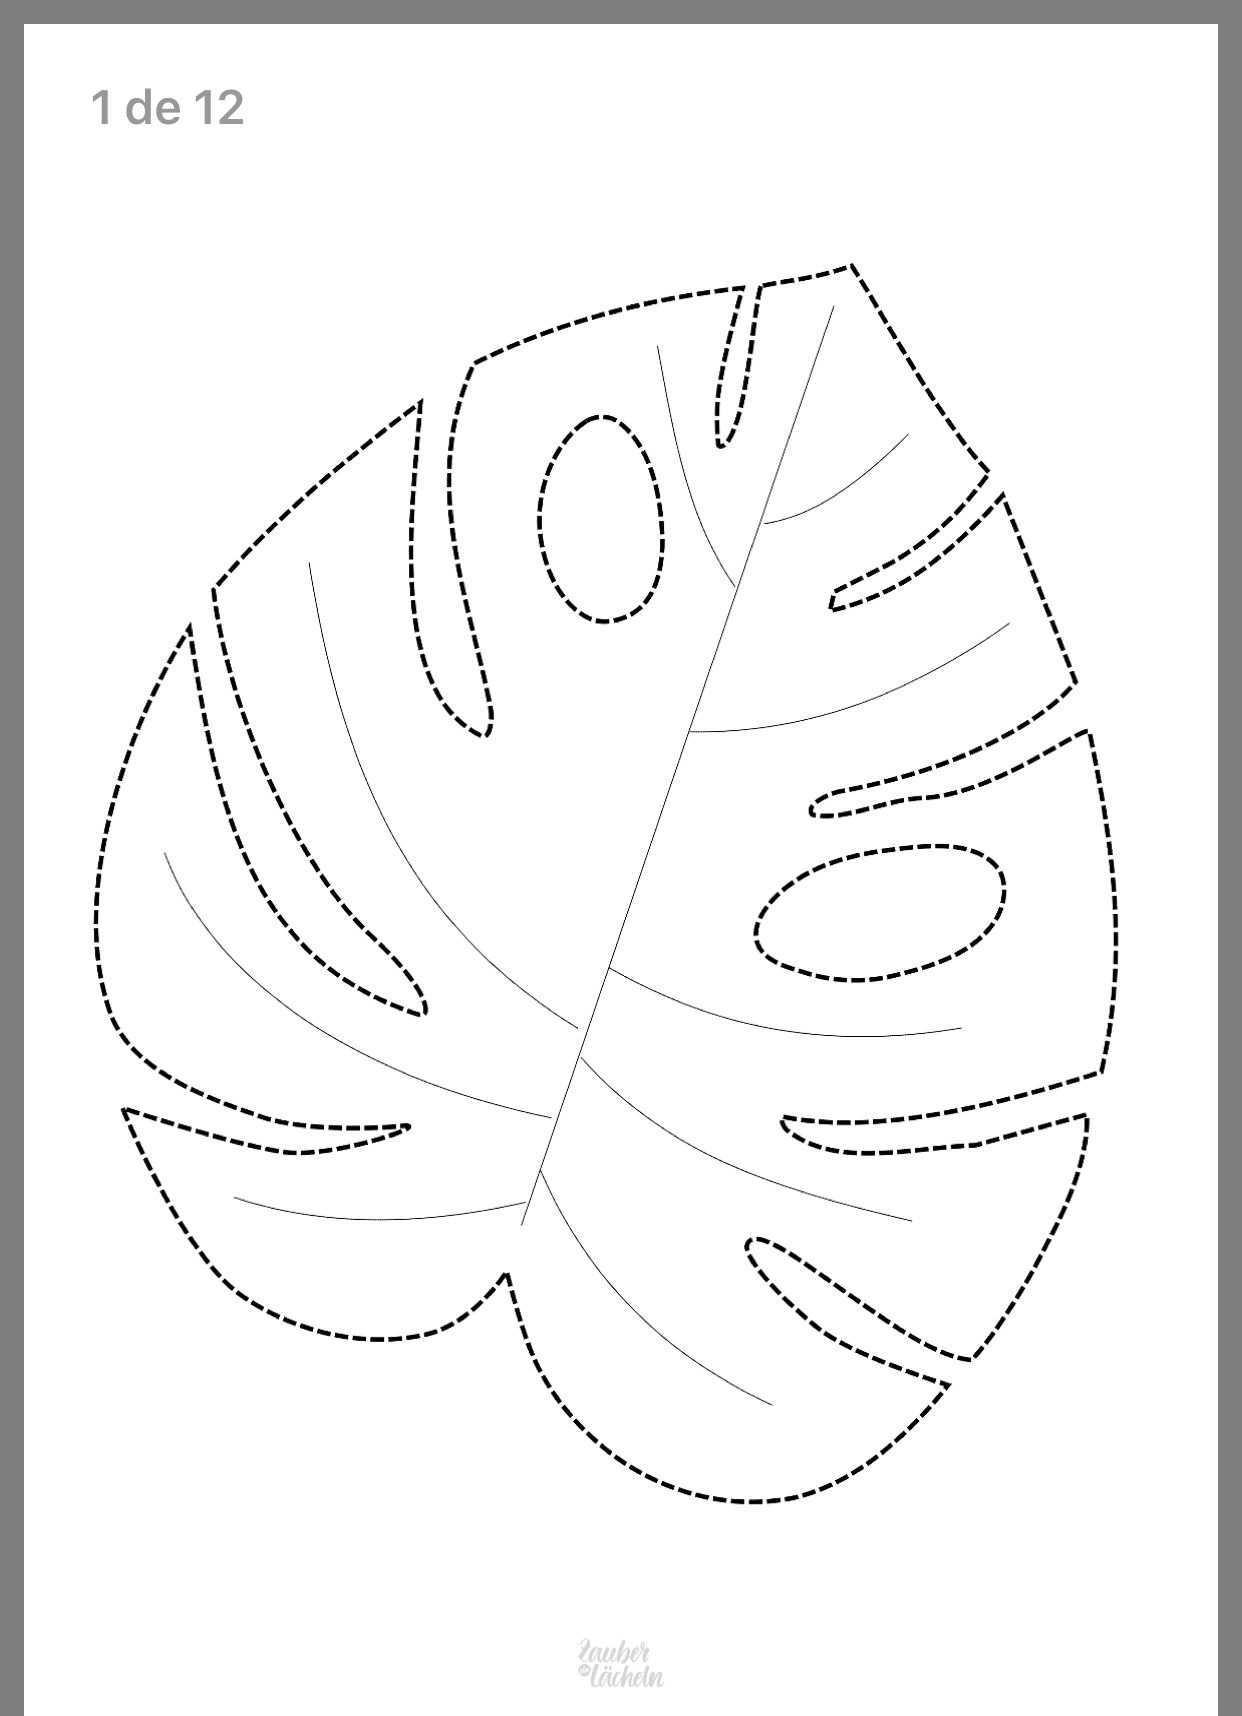 Tropische Blatter Gross Zum Selber Drucken Fur Leinwand 12 Seiten Zauber Ein Lacheln Blattschablone Diy Papierblumen Basteln Mit Papier Origami